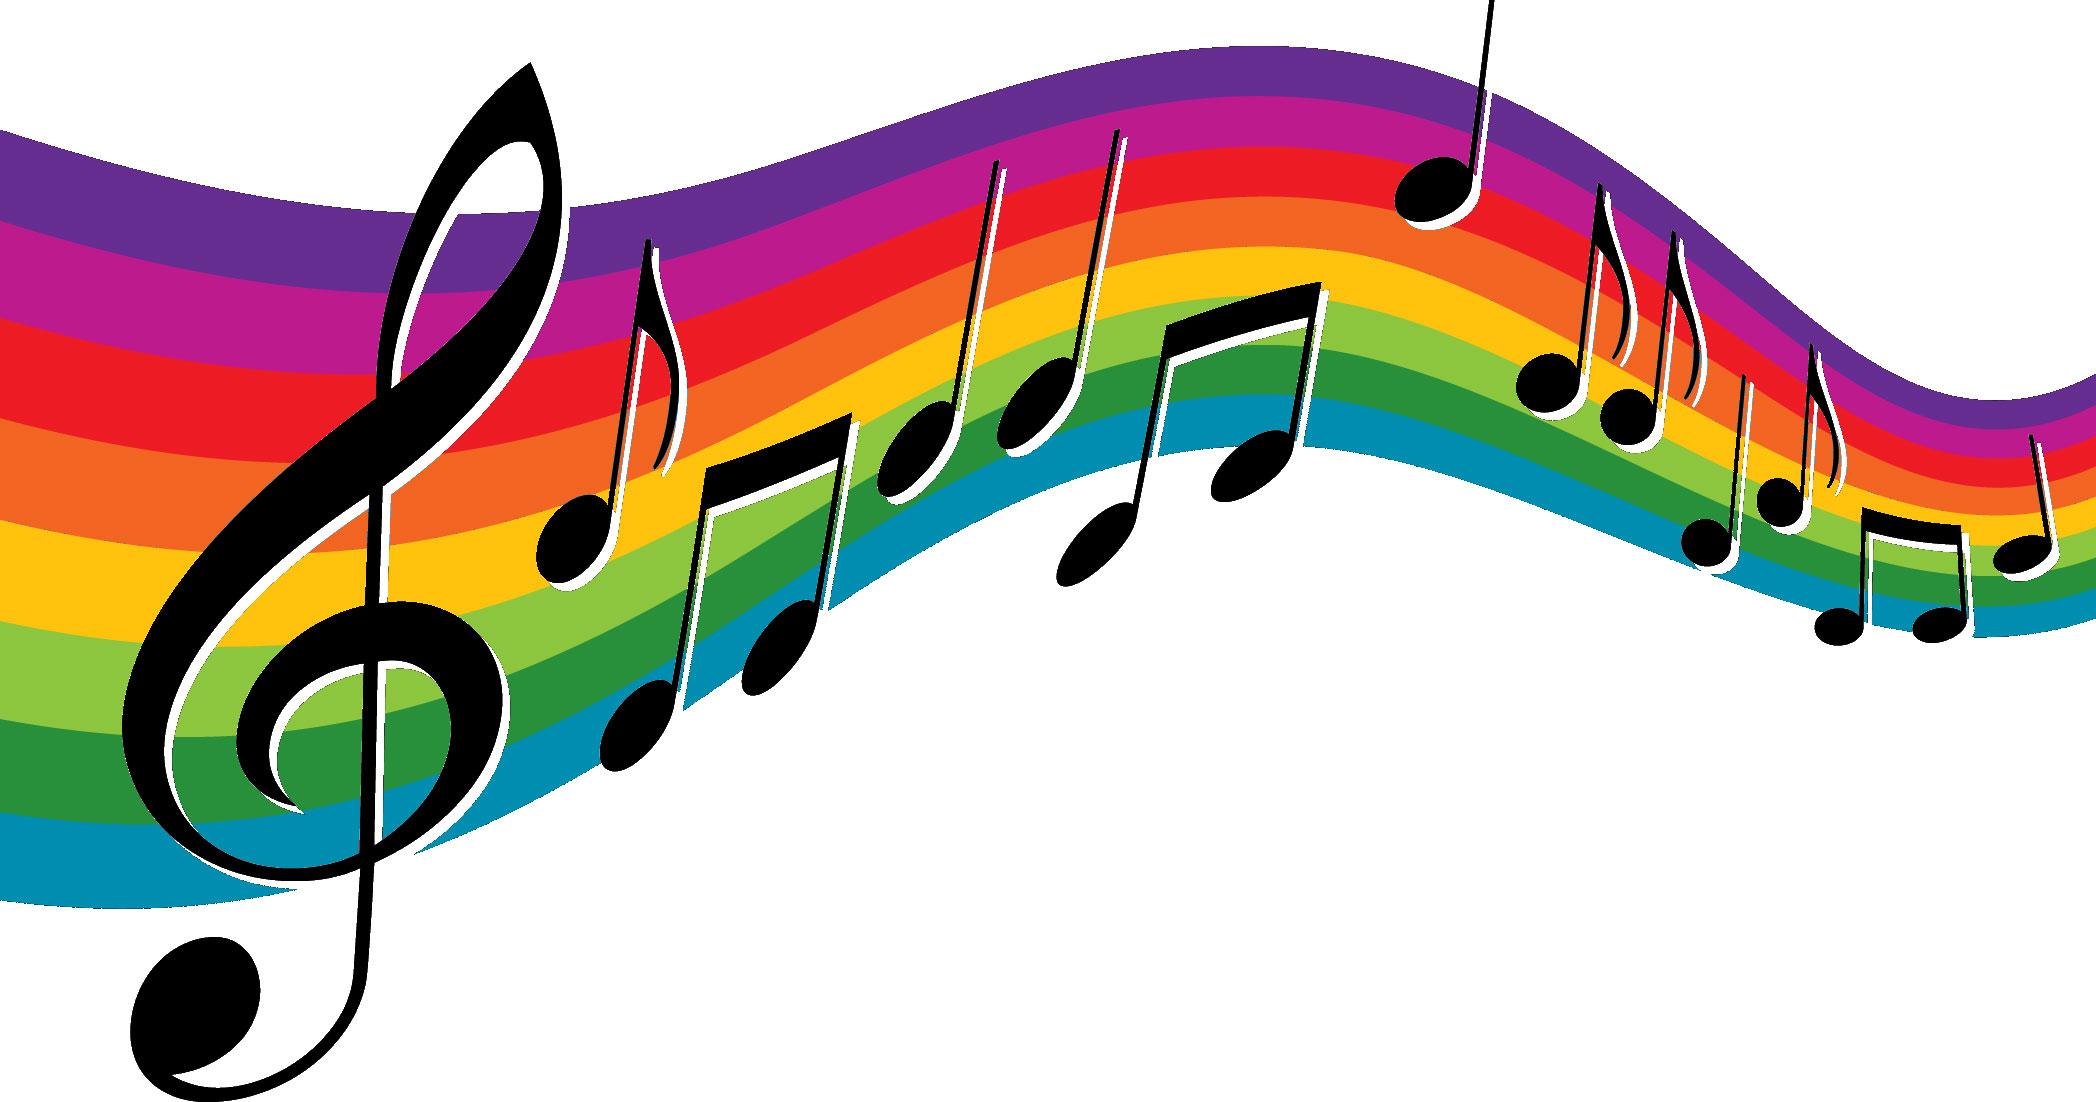 音楽・音符イラスト素材「音符と虹色の楽譜2」